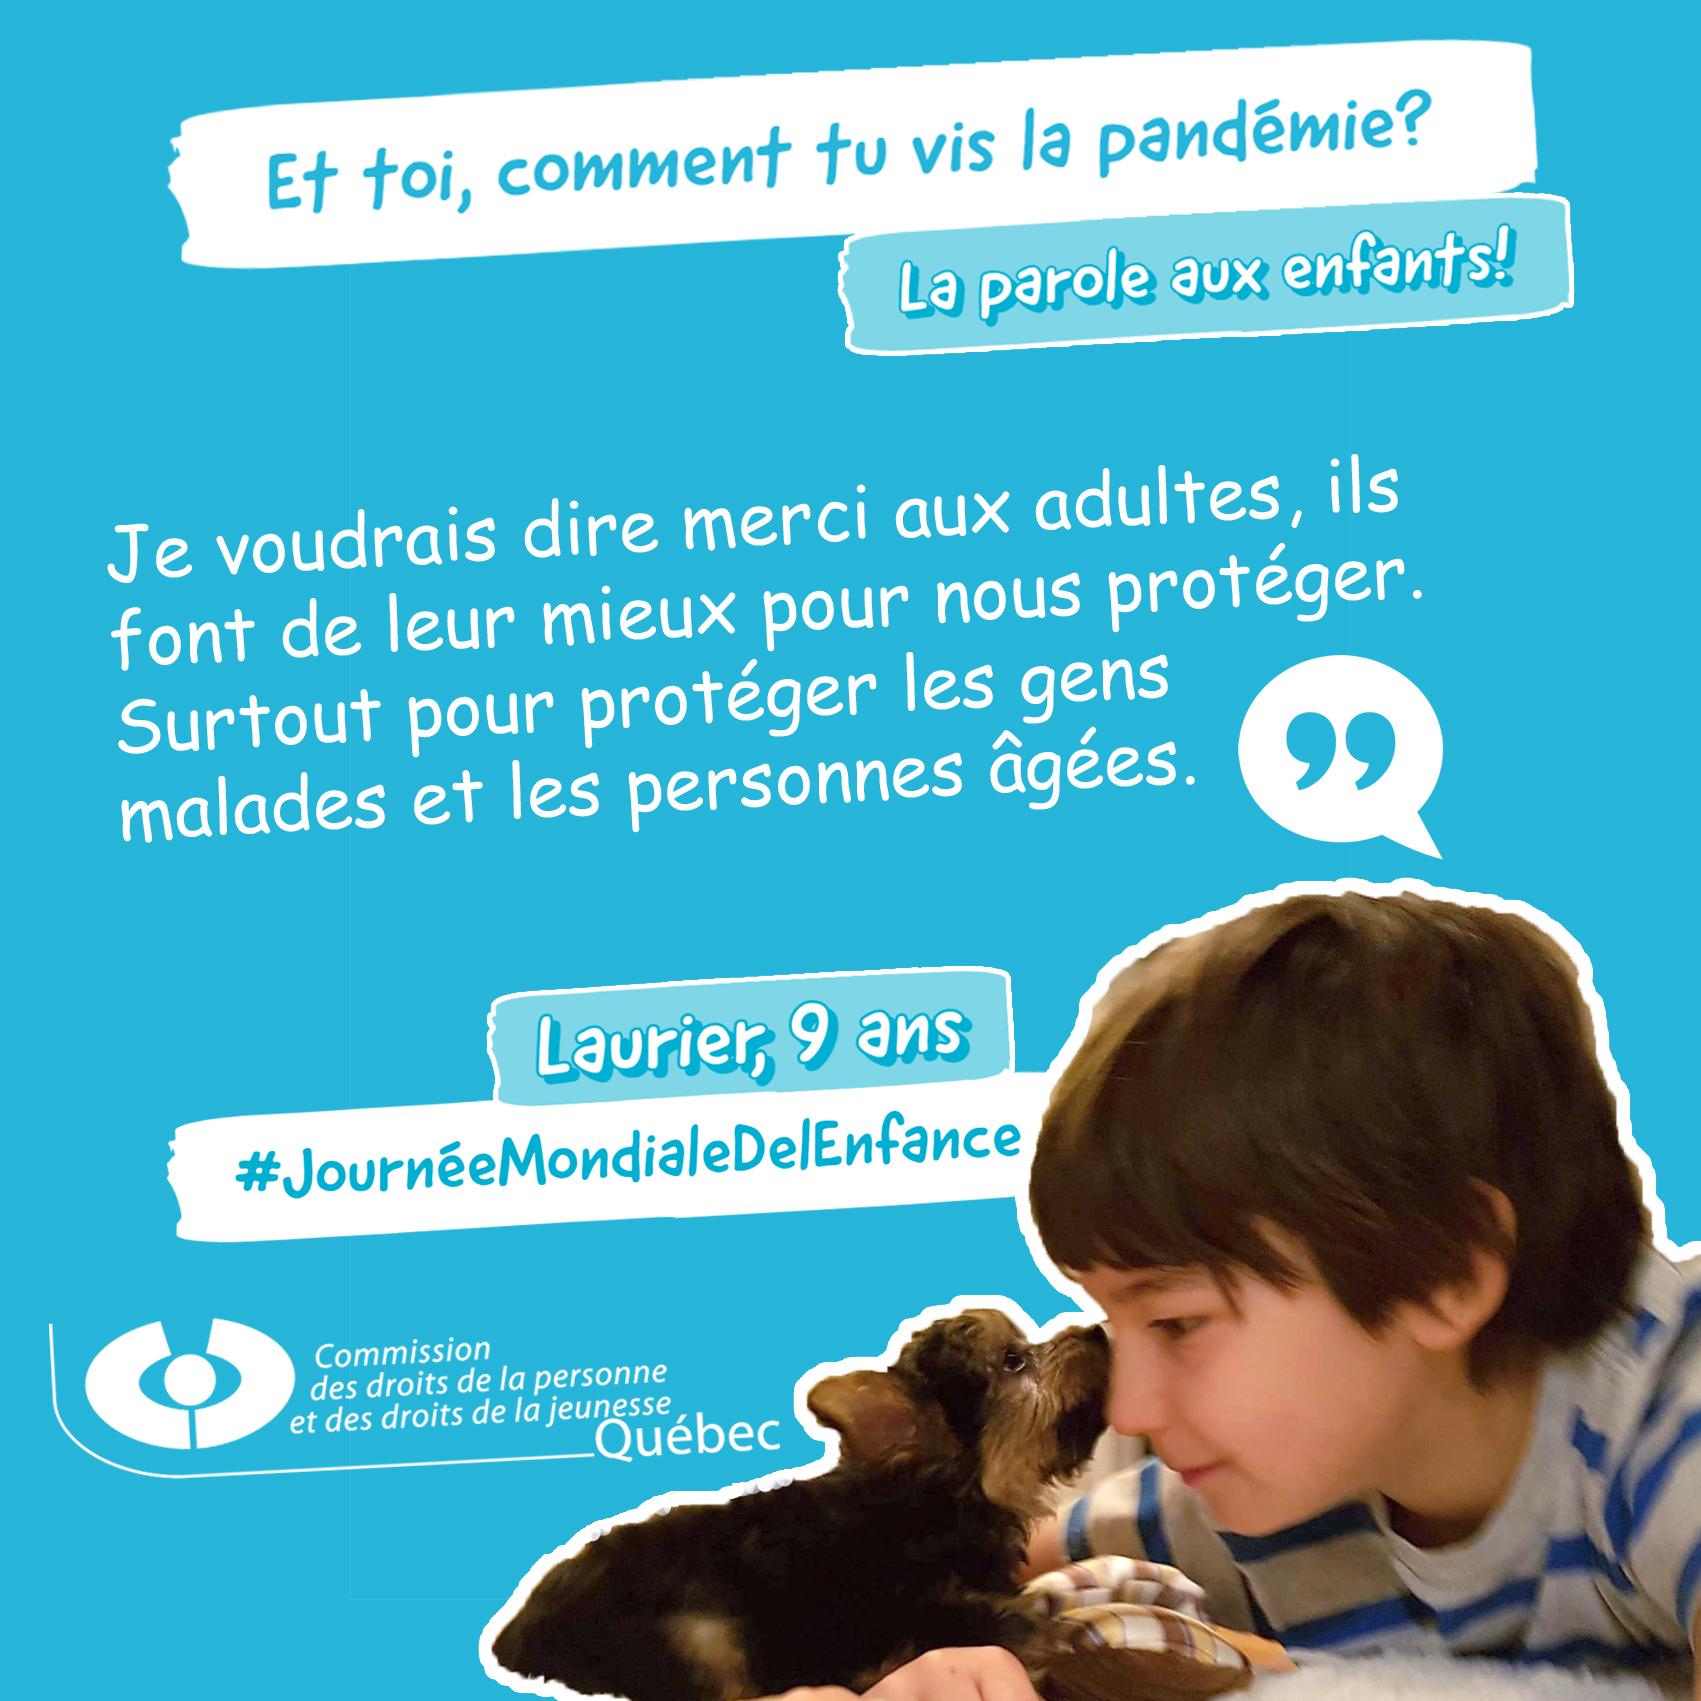 Photo et citation de Laurier qui répond à la question Et toi, comment tu vis la pandémie?